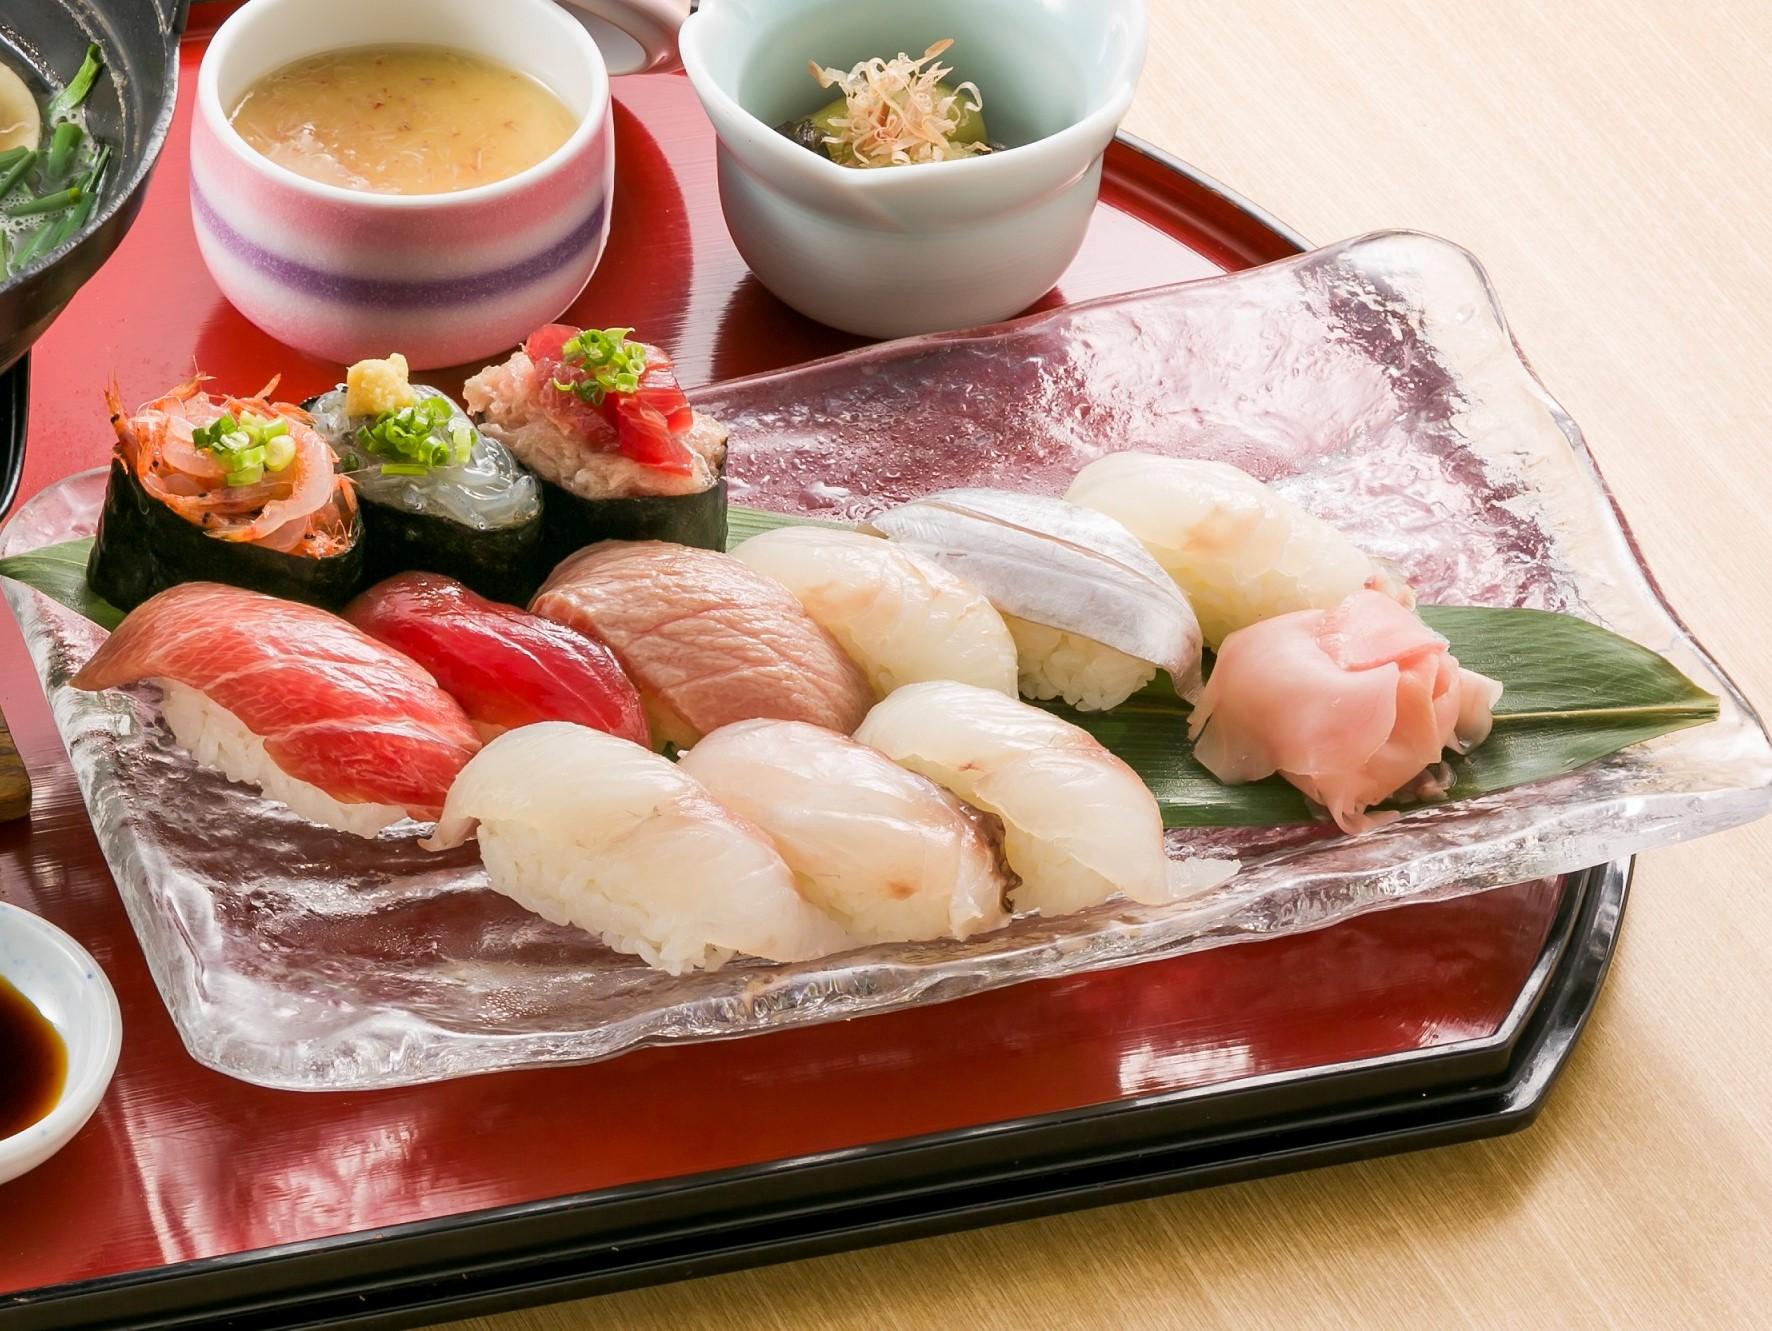 天然南鮪としずまえ鮮魚のお寿司盛り合わせです。季節の地魚をご堪能ください。